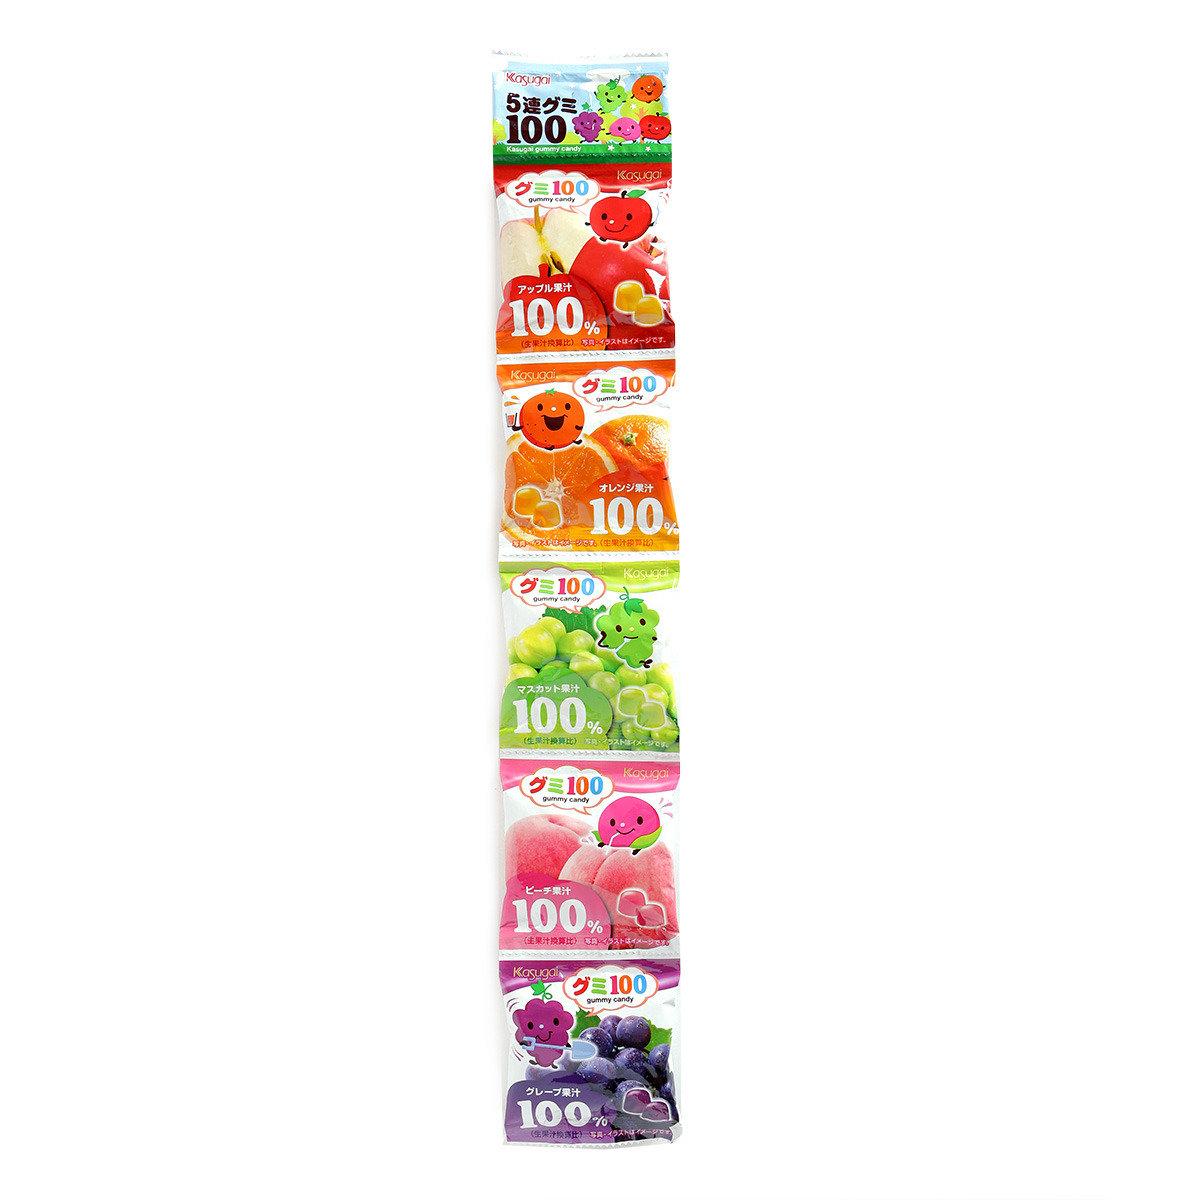 串裝水果味軟糖